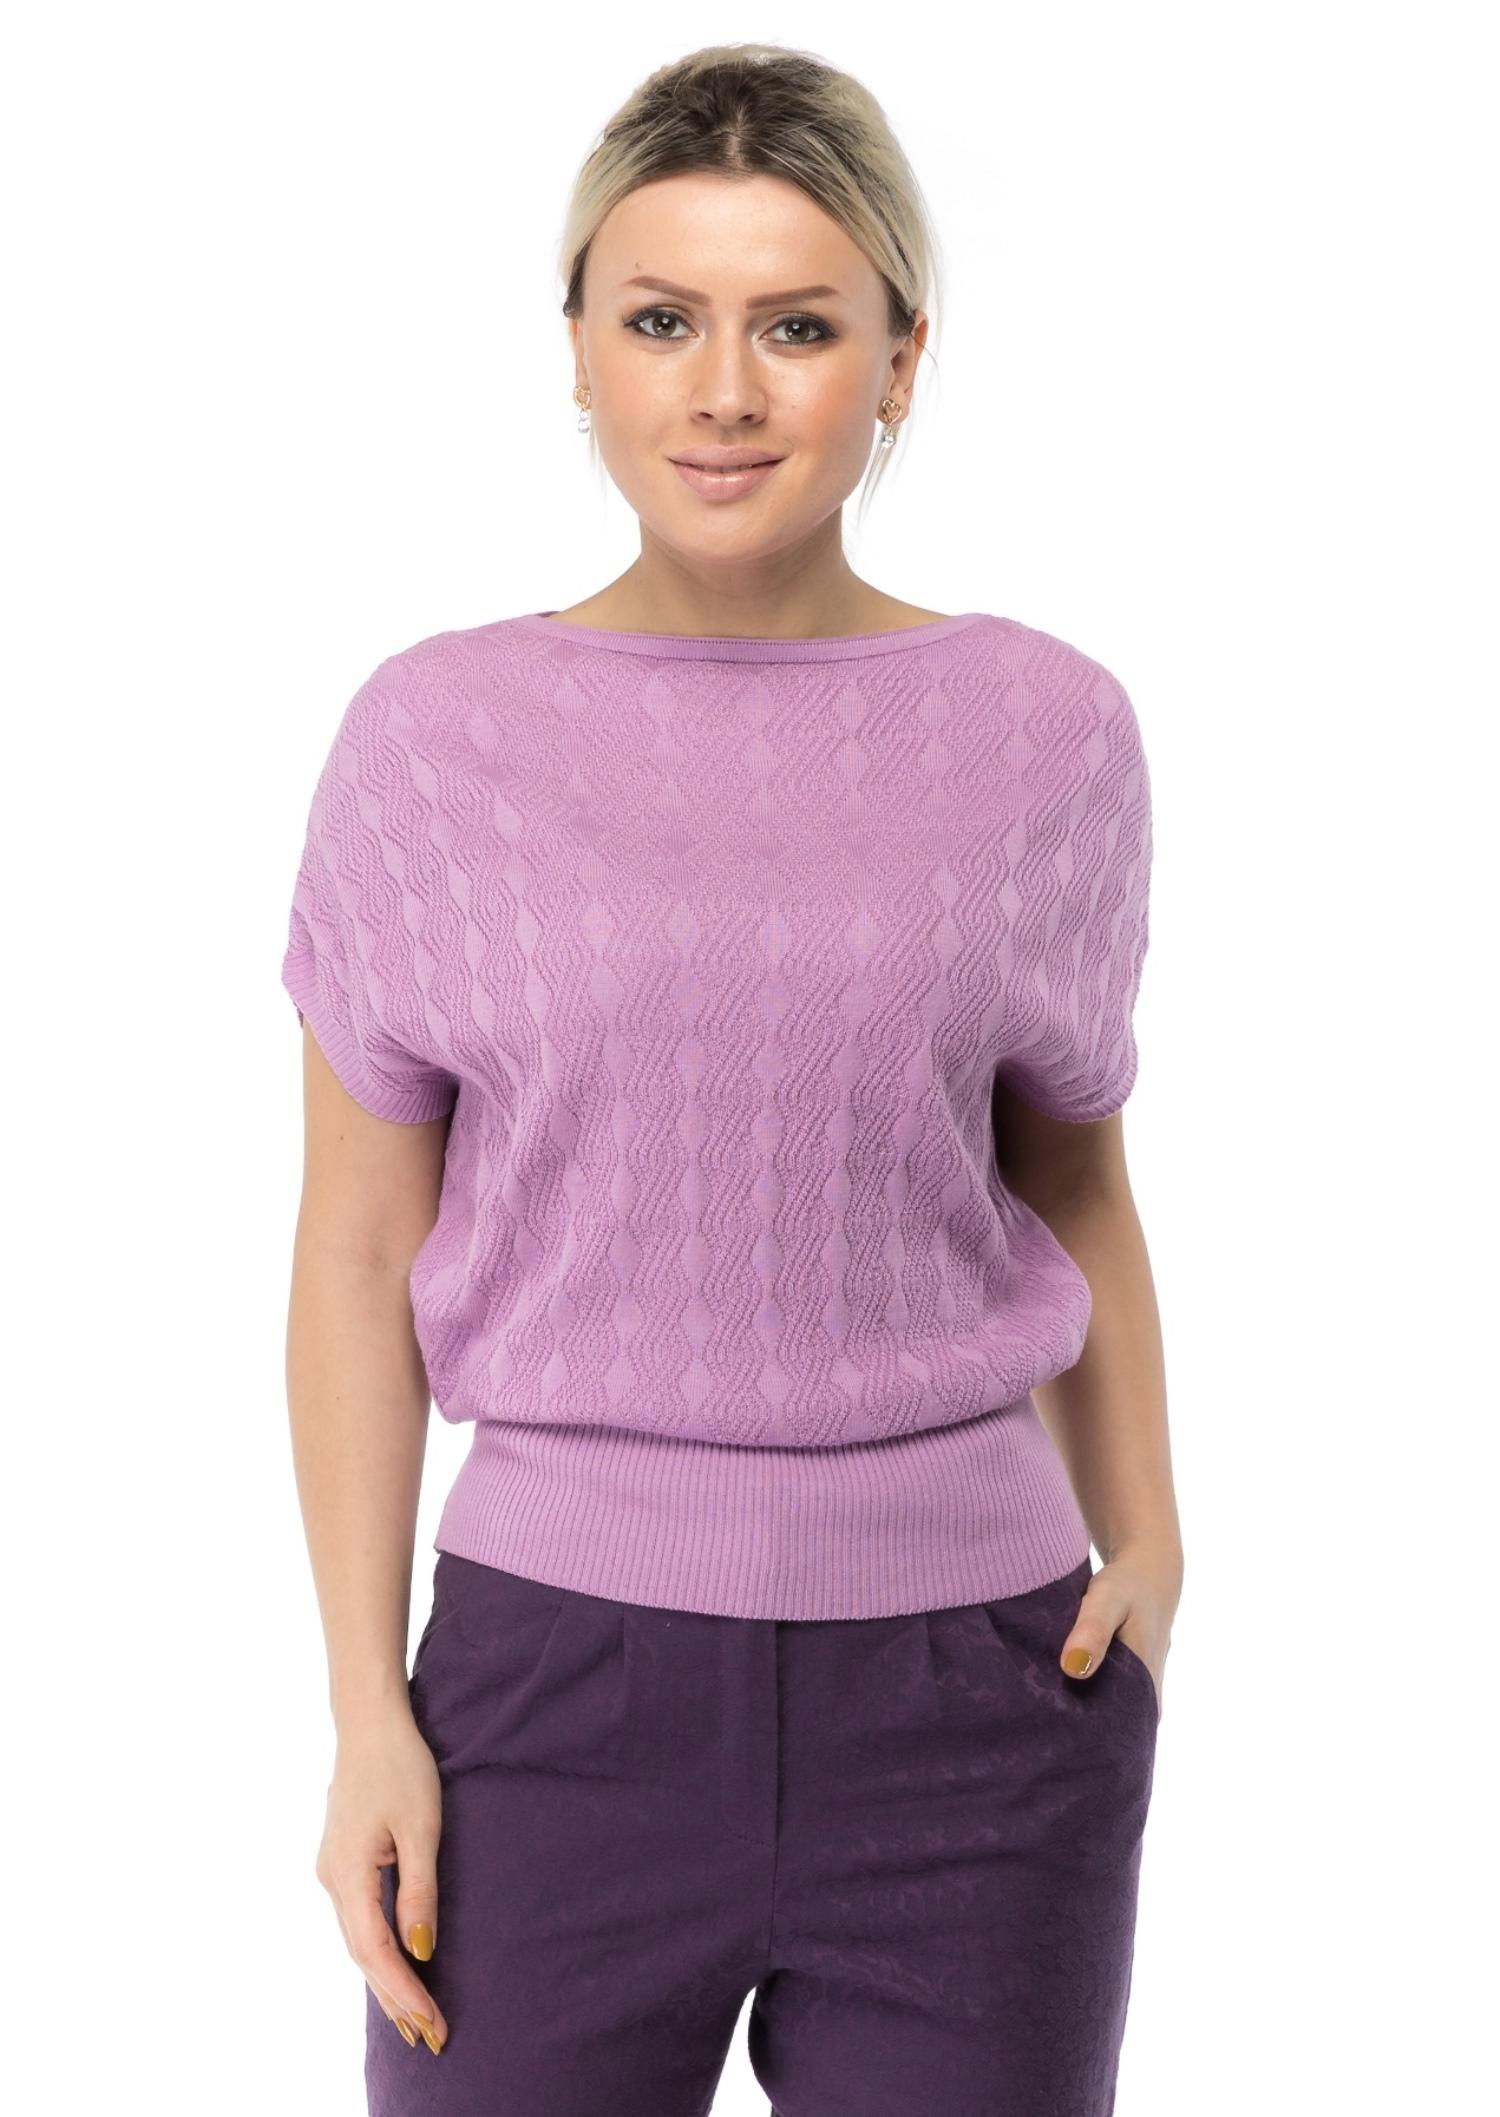 Купить Женский джемпер из текстиля, МОСМЕХА, сиреневый, 1000565